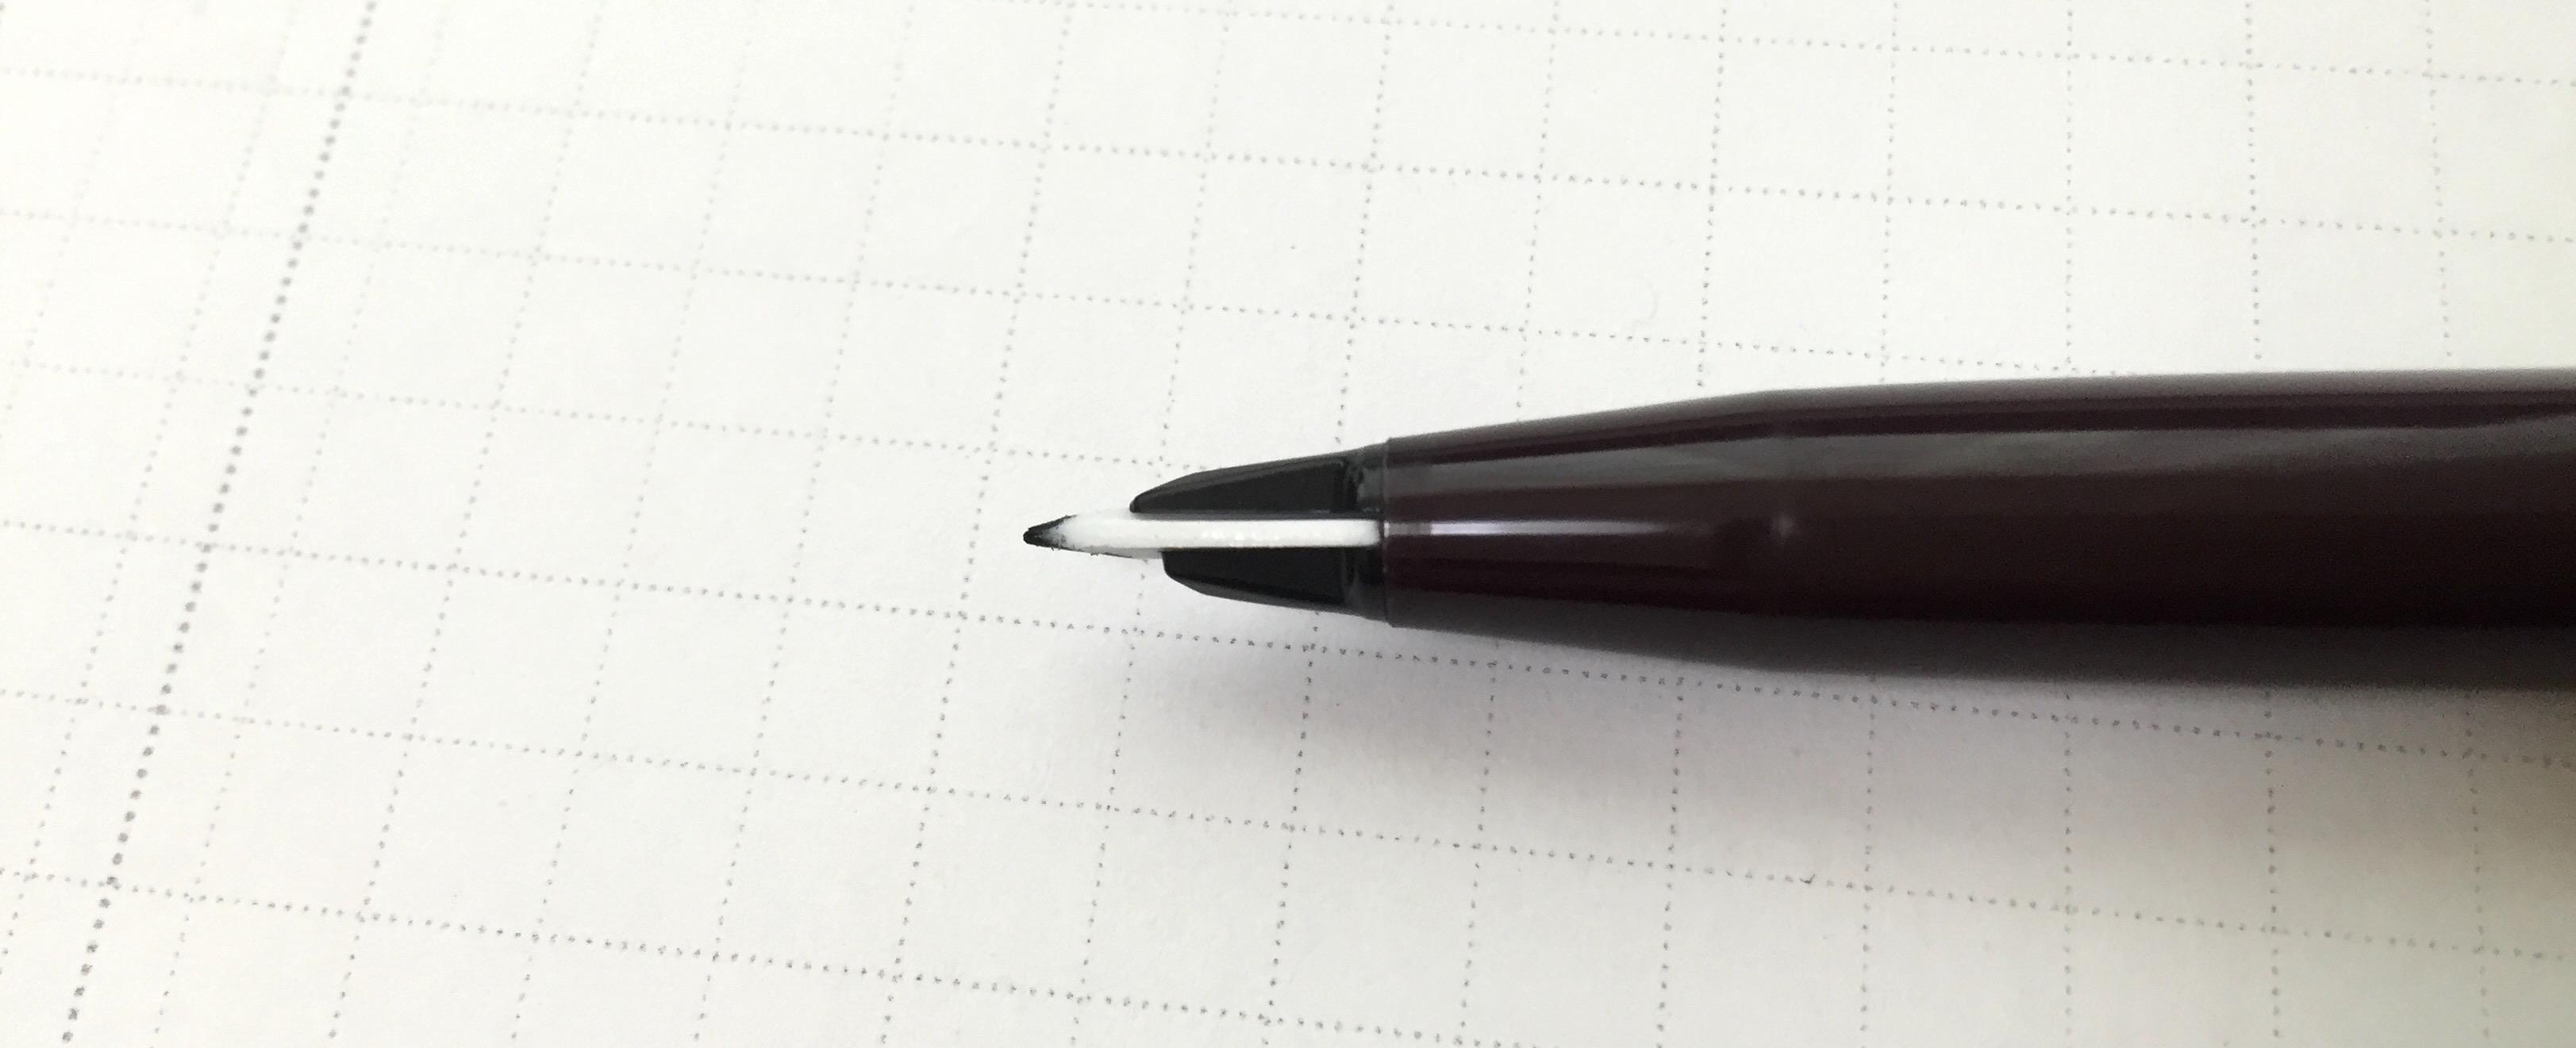 ペン先が万年筆のような形